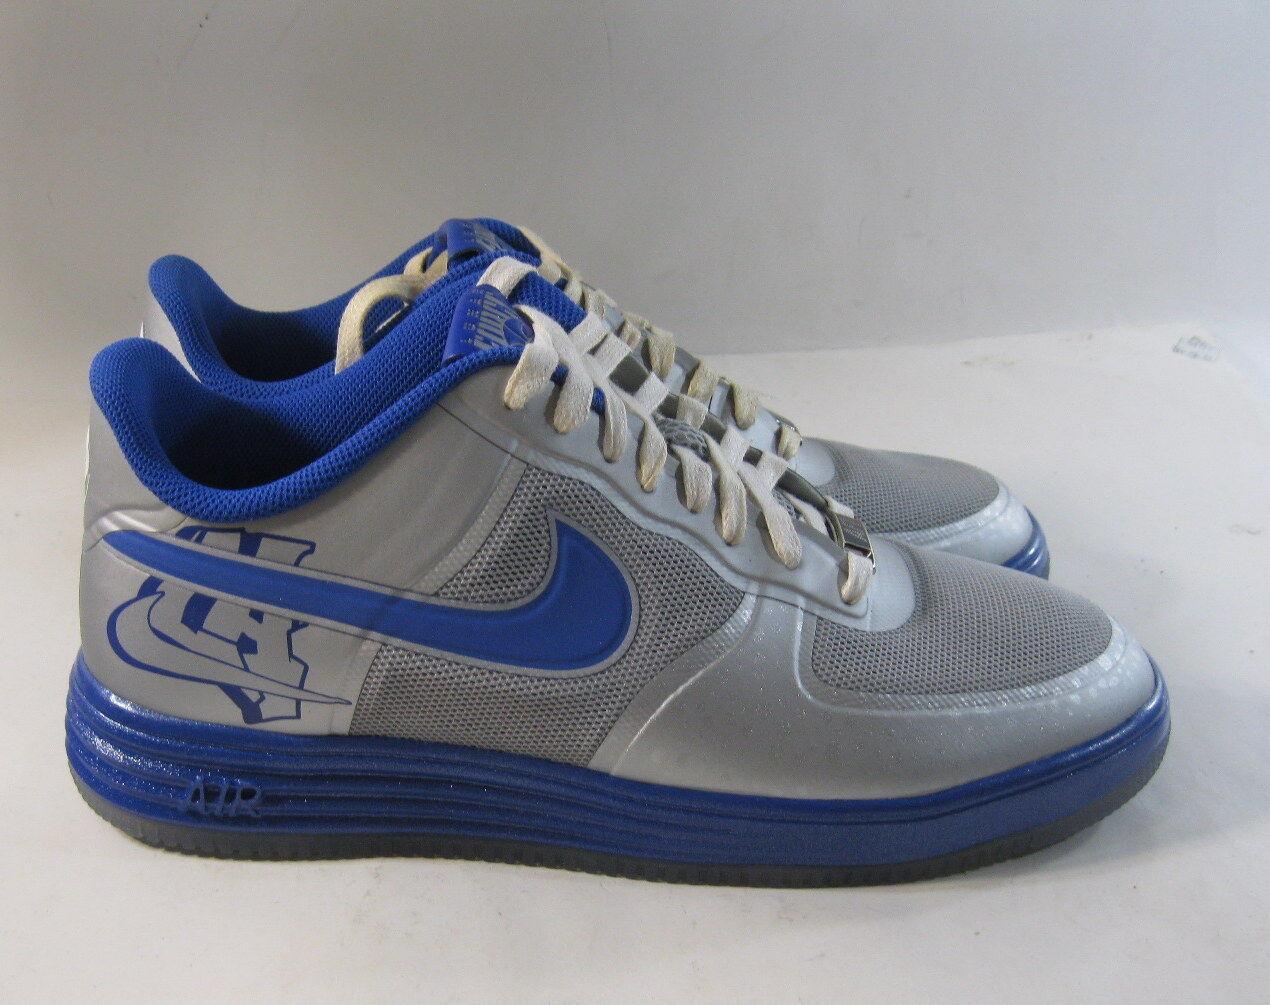 Nike Lunar Force 1 Fuse City (La) Mens 577666-001 Silver Blue Shoes Size 9.5